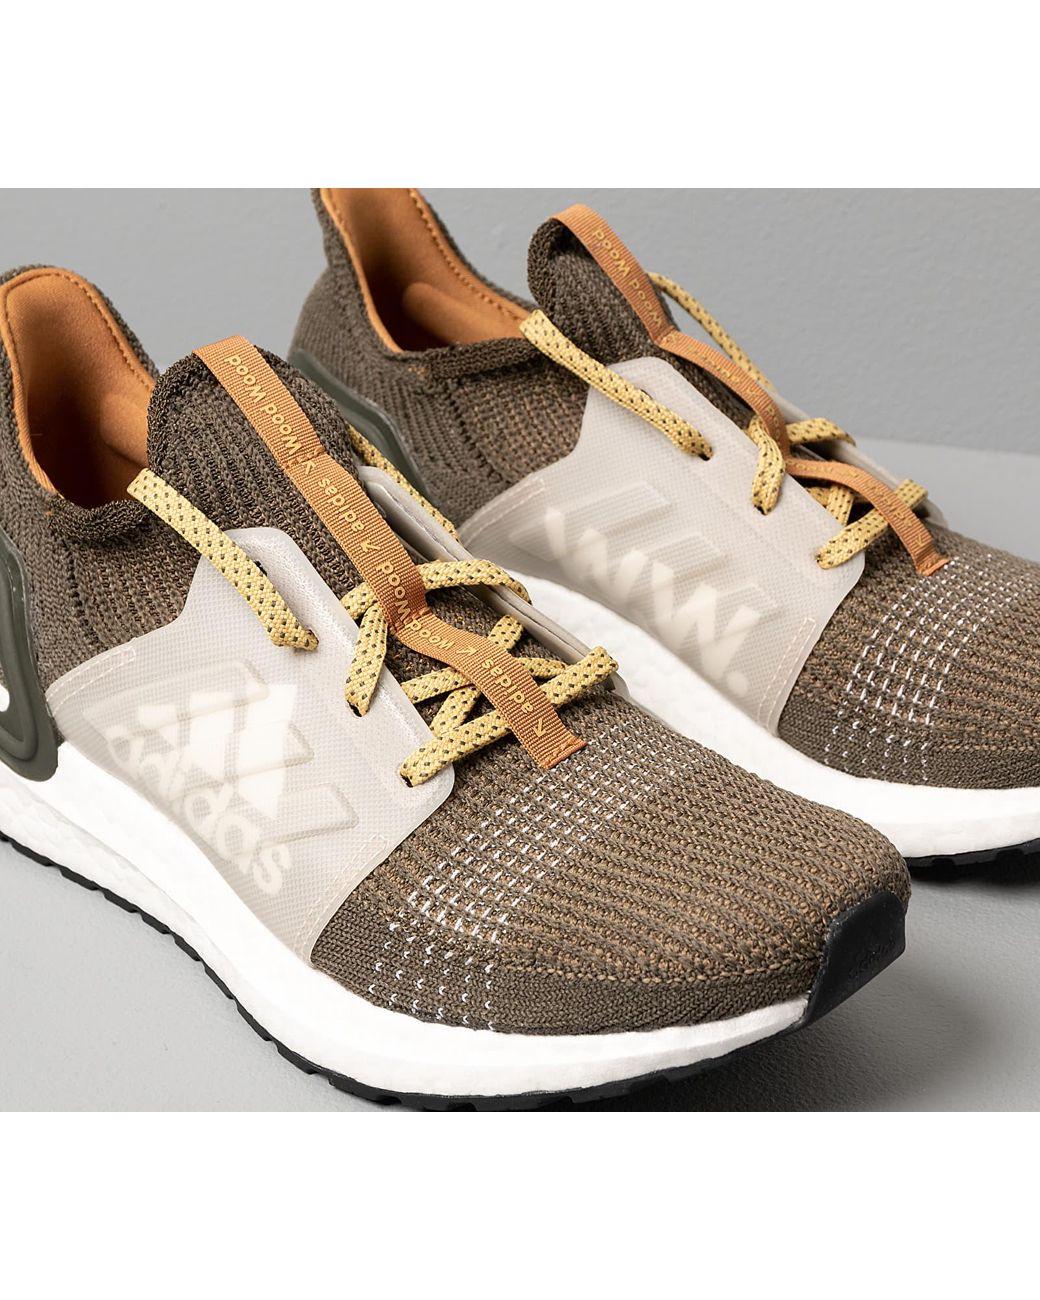 adidas Originals Adidas X Wood Wood Ultraboost 19 Earth